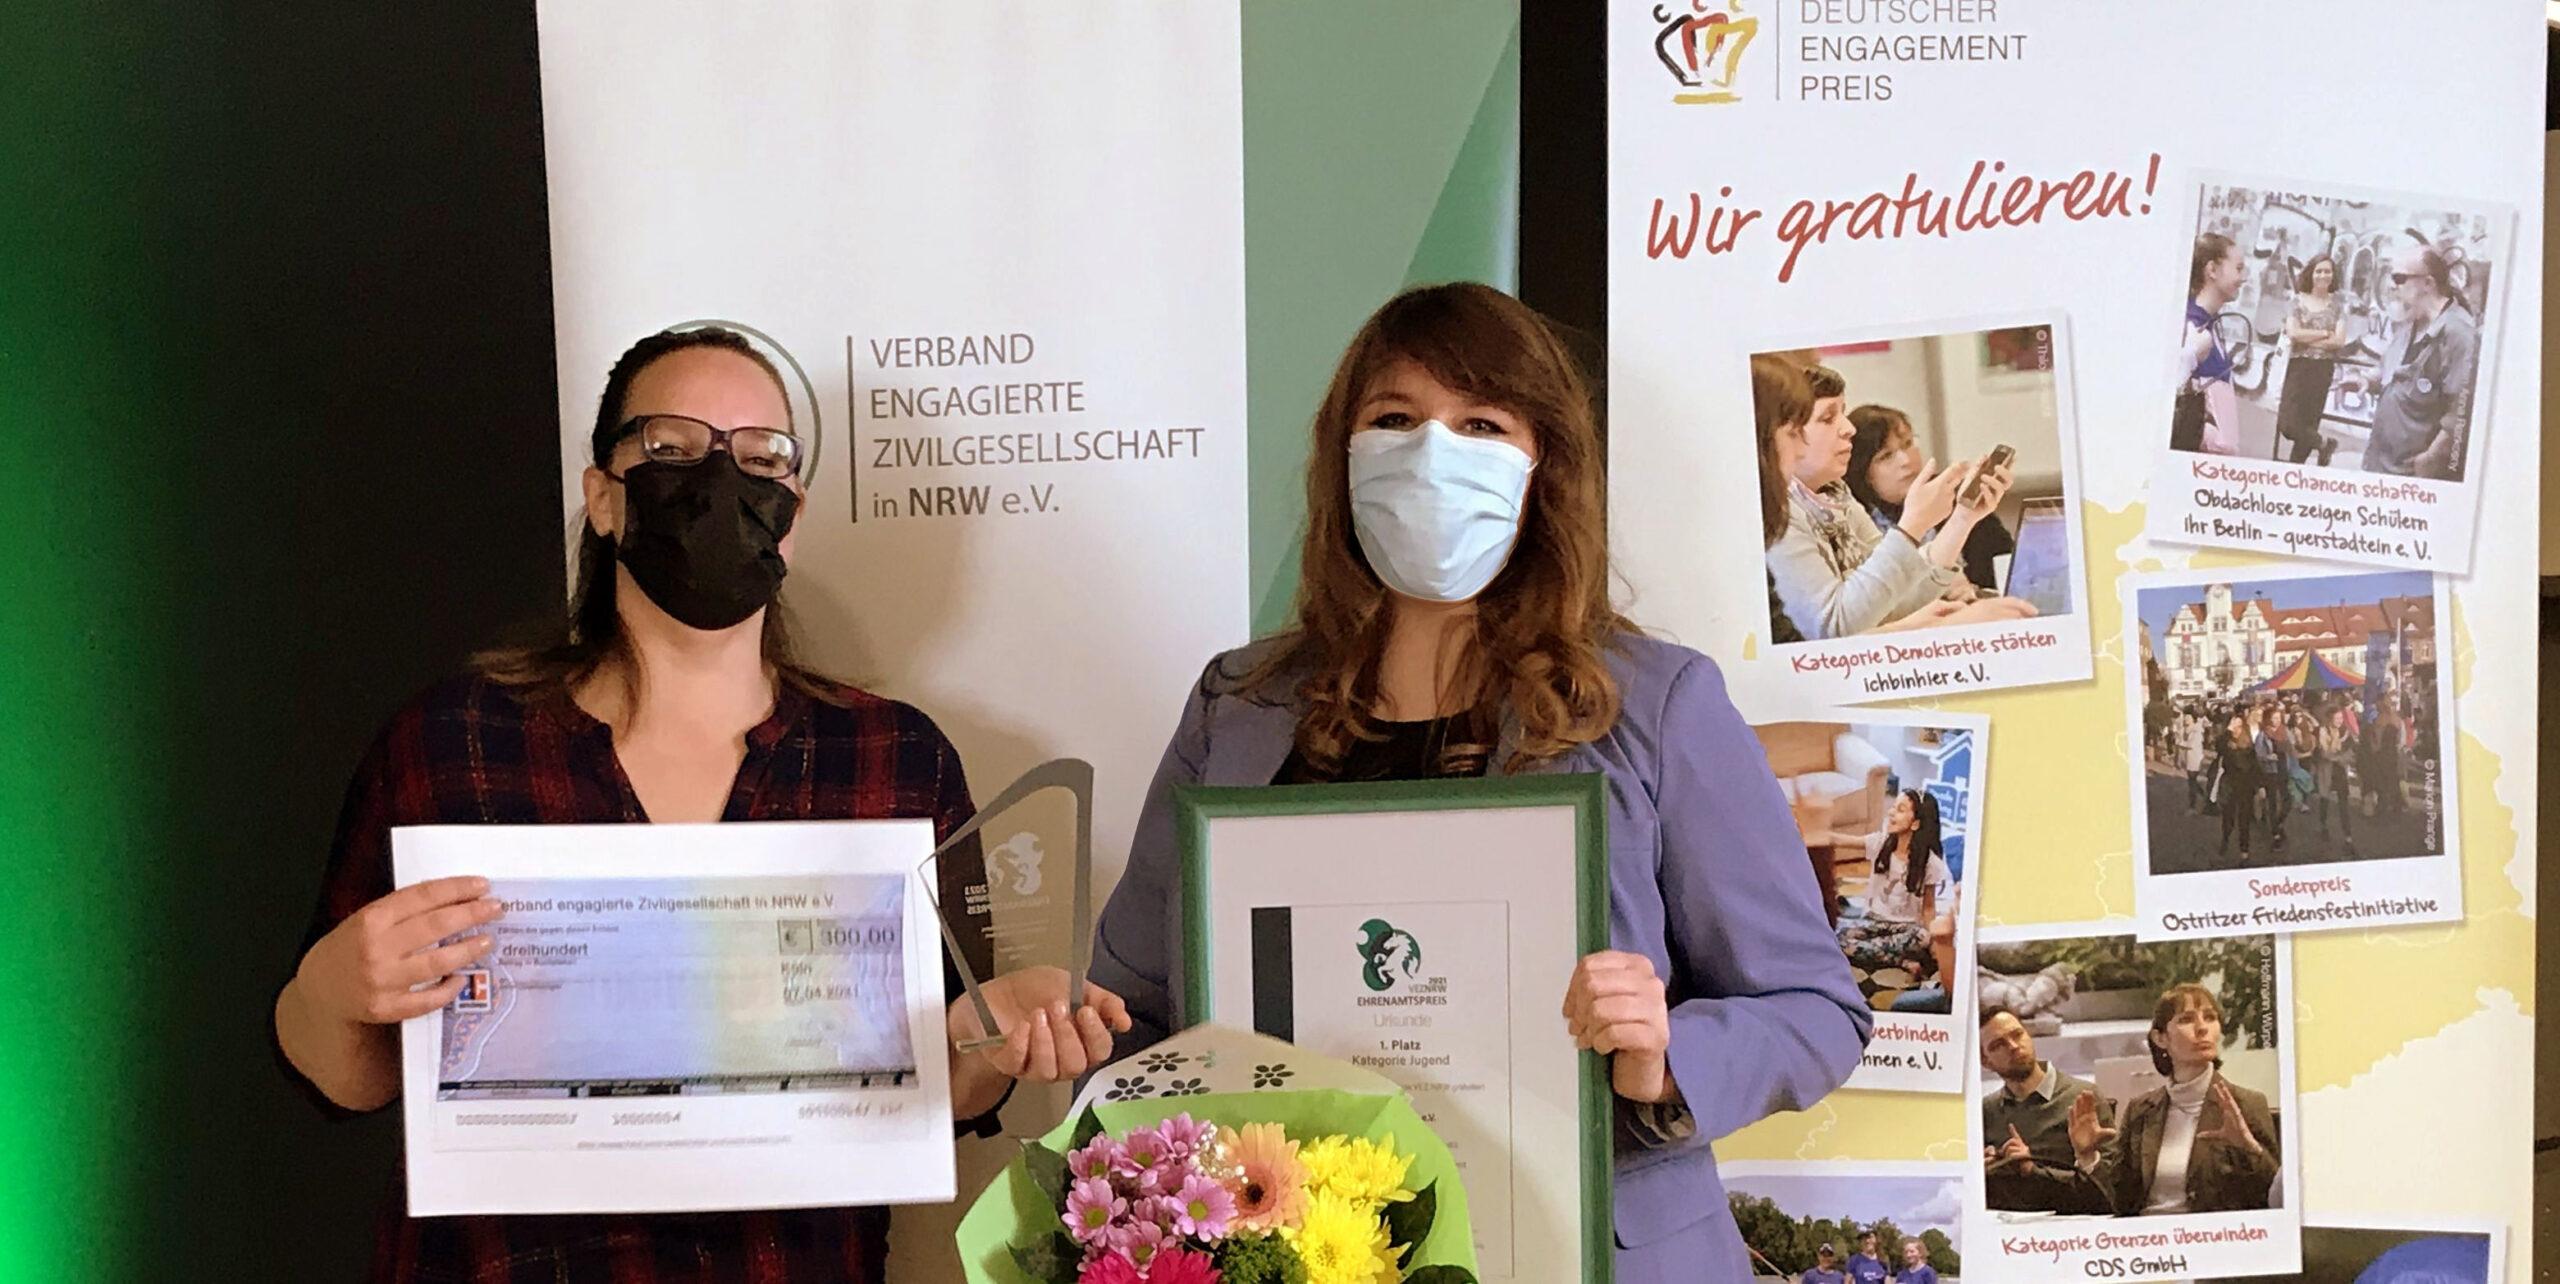 Zwei Frauen bekommen Preis verliehen